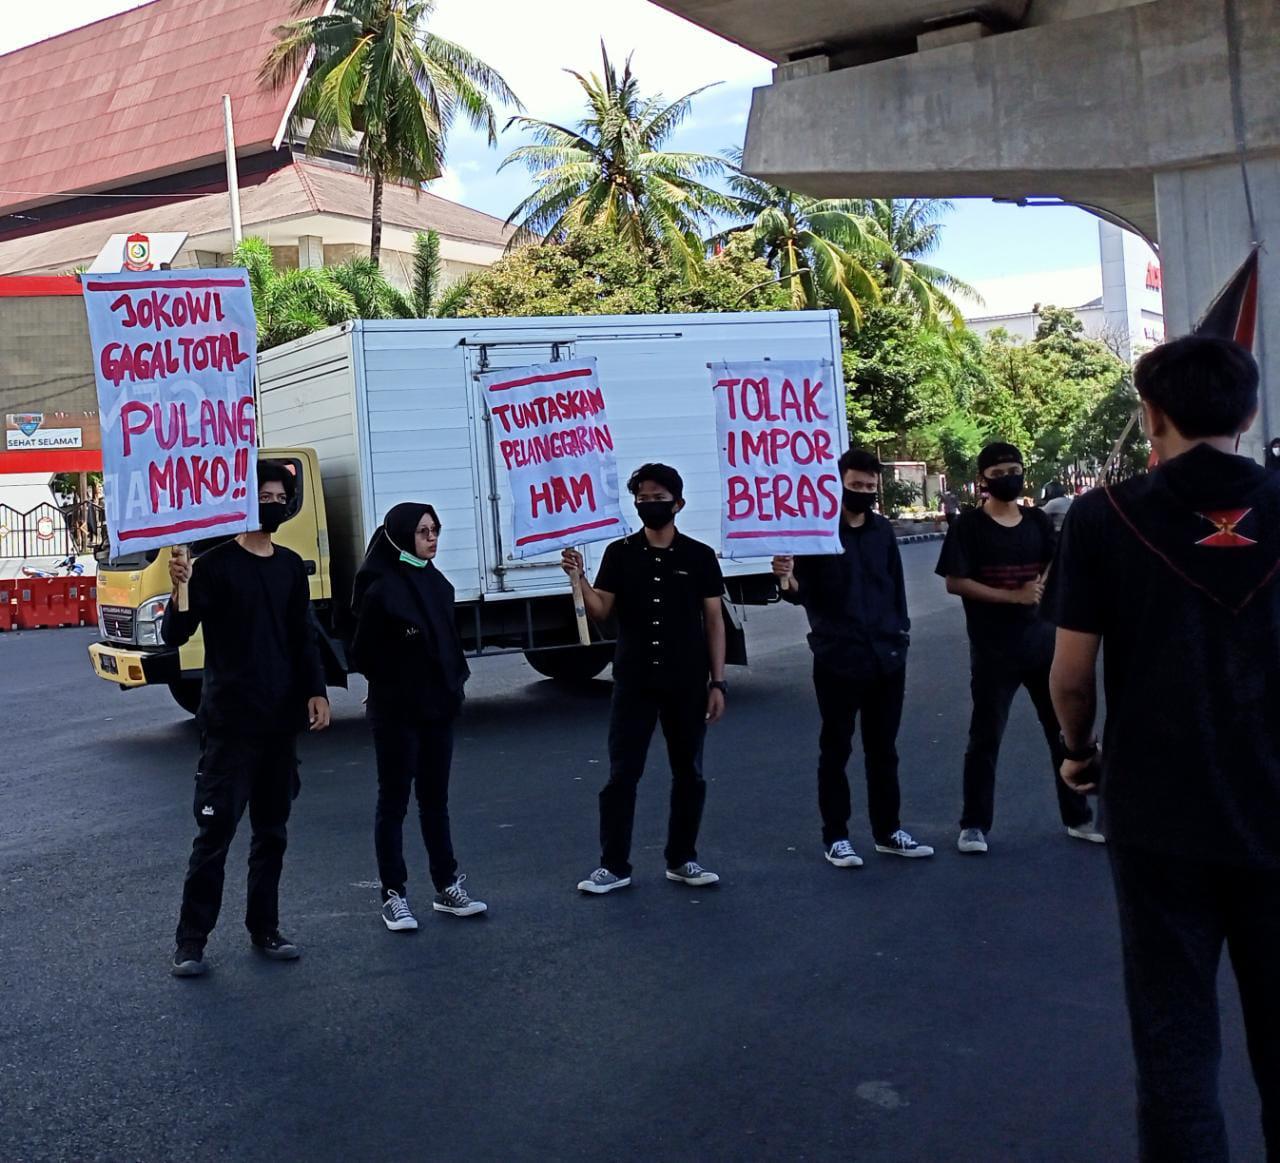 Kedatangan Presiden Joko Widodo di Sulsel disambut Aksi Unjuk Rasa GAM, Ini yang disampaikan